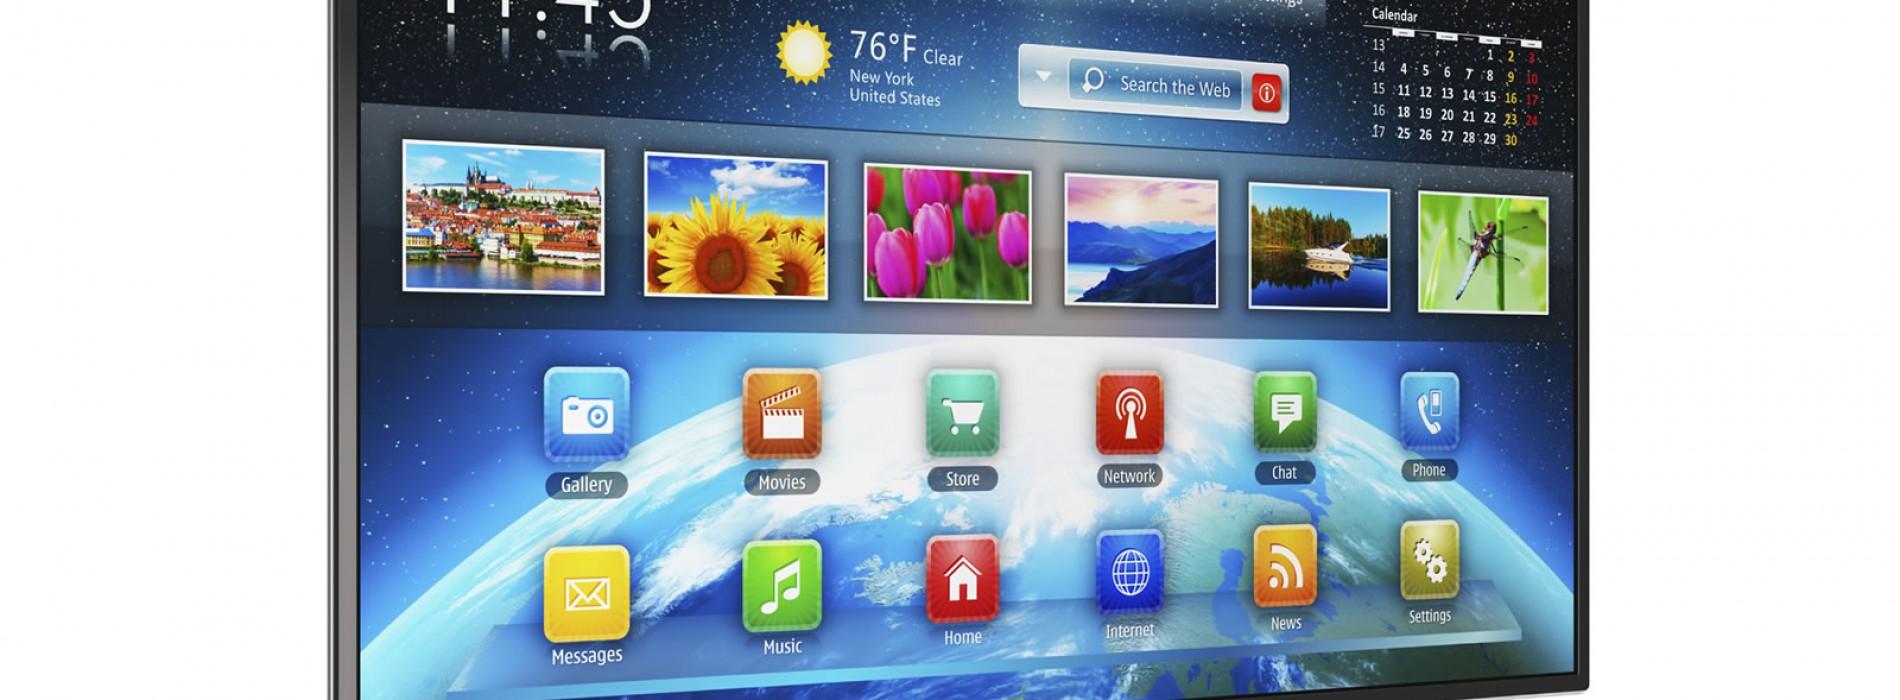 Promocja sklepu internetowego w TV – klucz do sukcesu